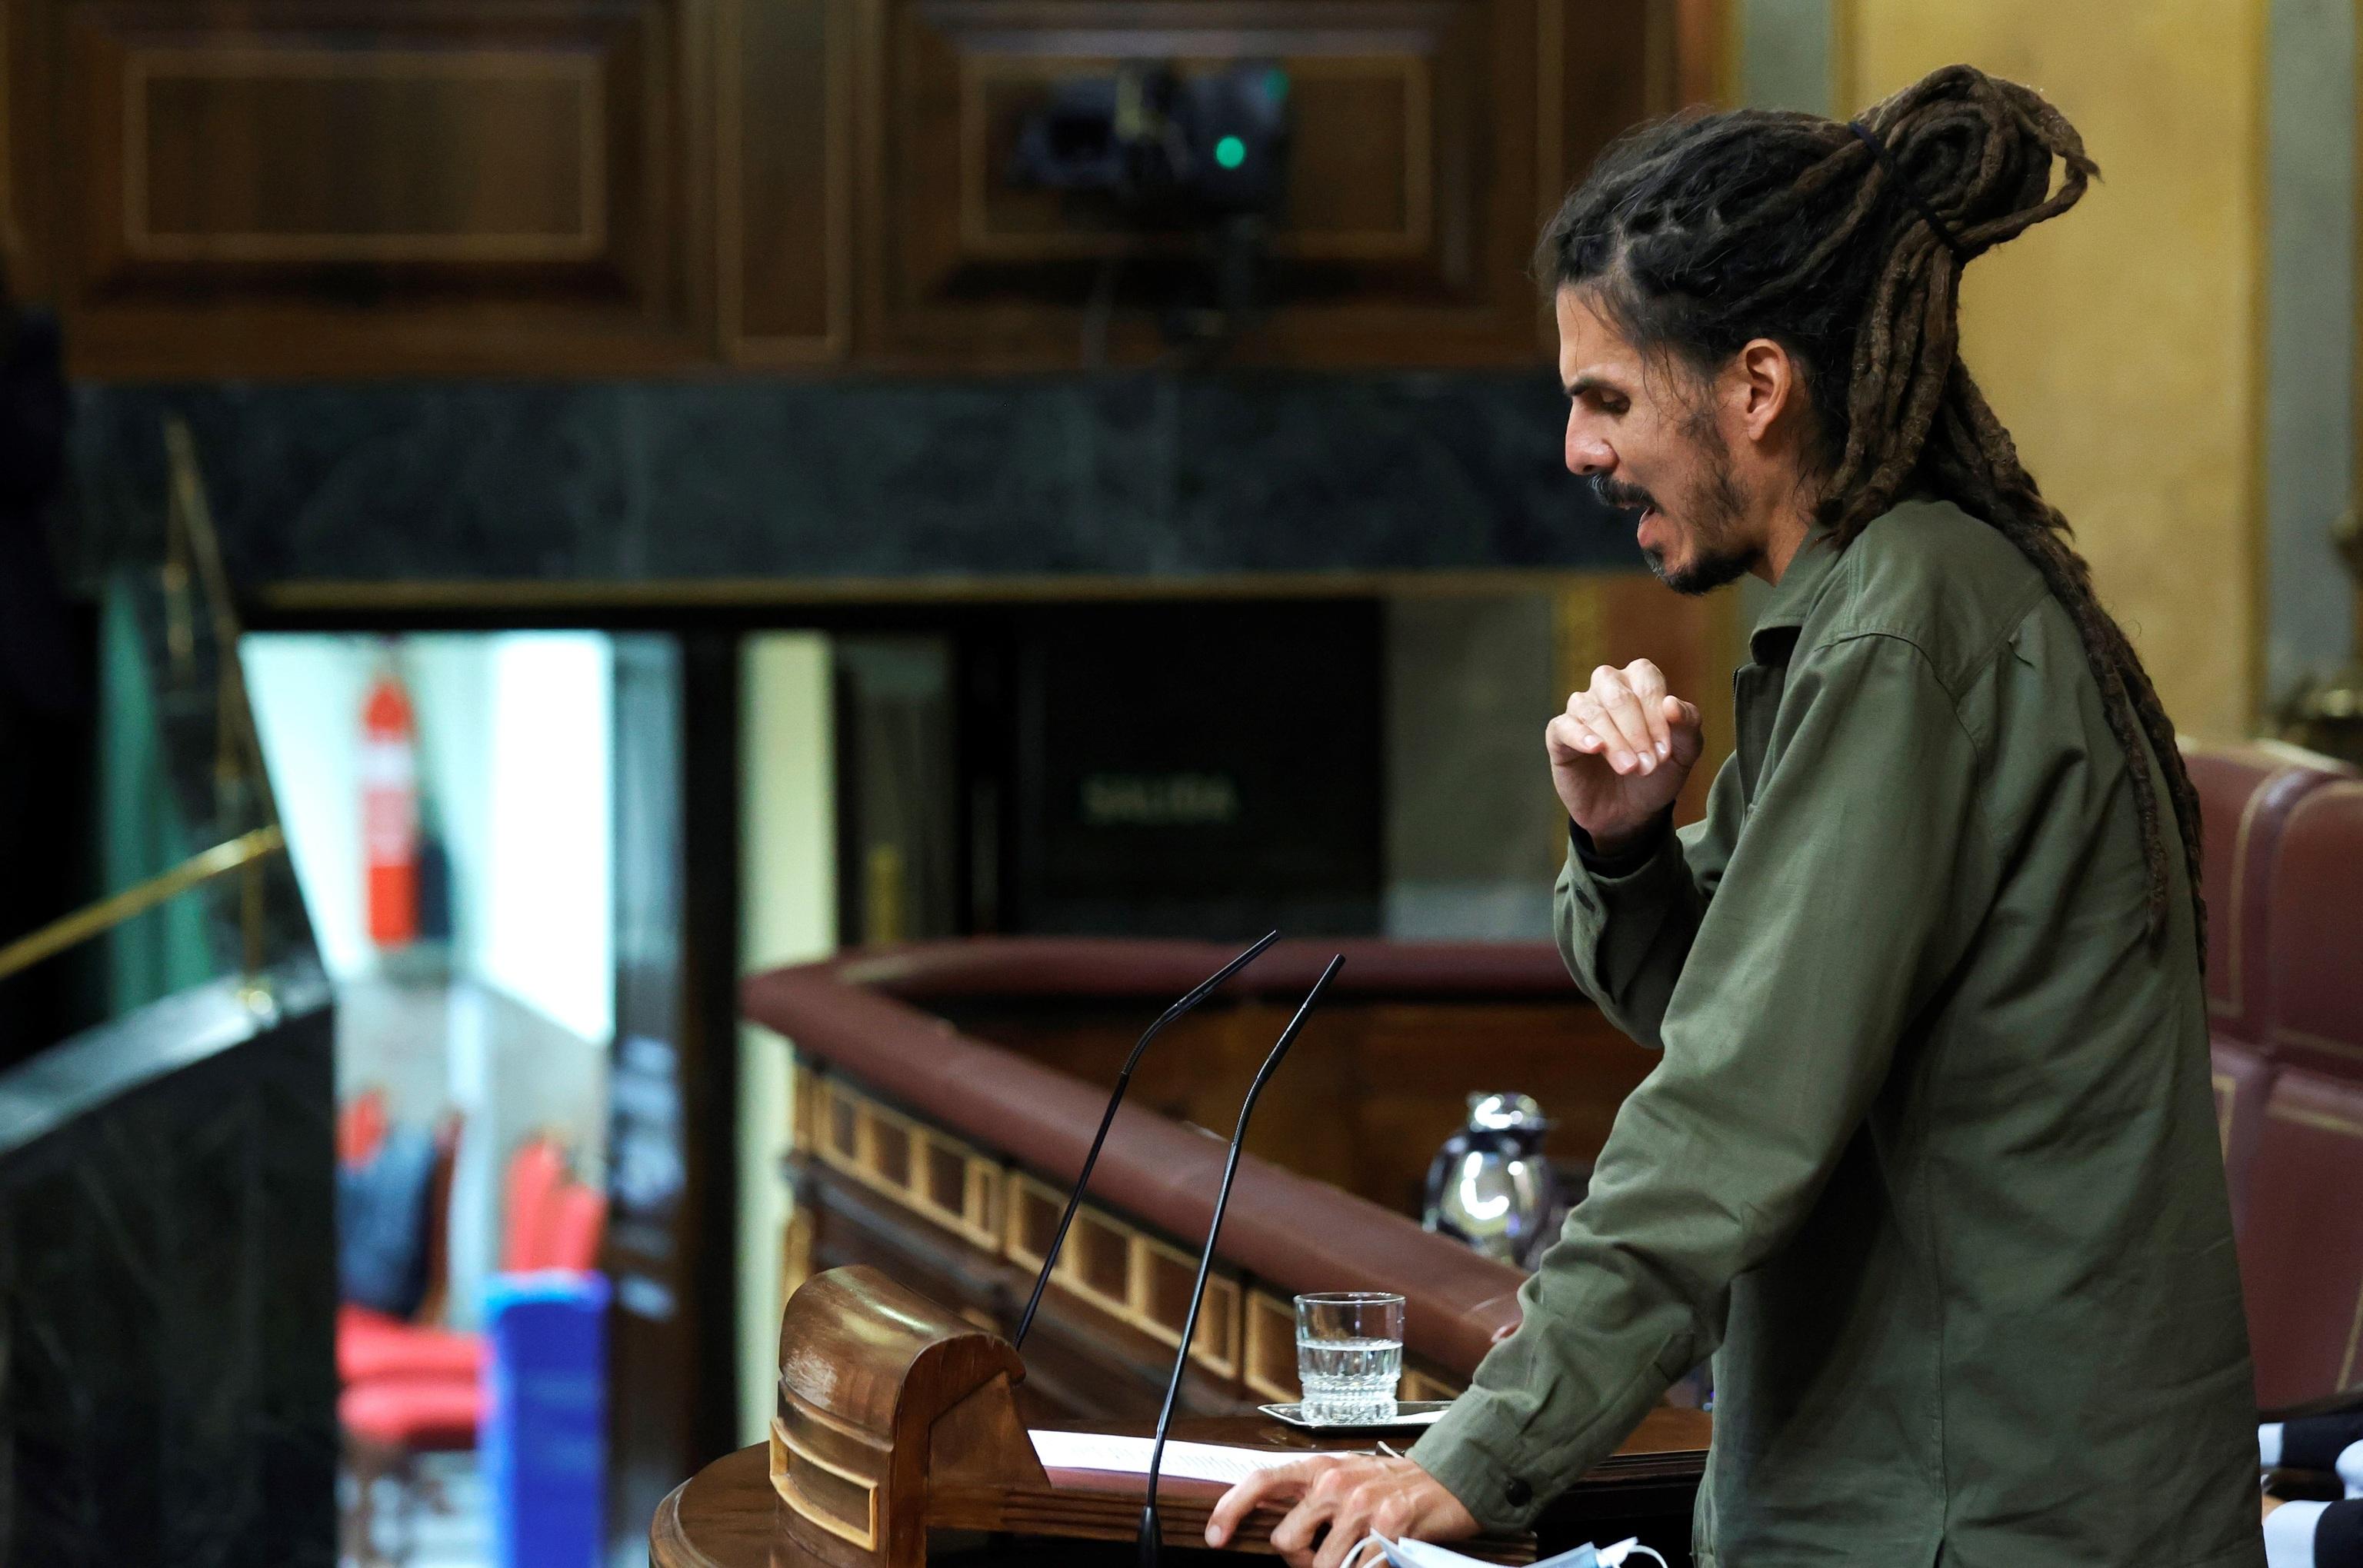 El diputado de Unidas Podemos condenado maniobra para evitar que el Congreso le retire el escaño